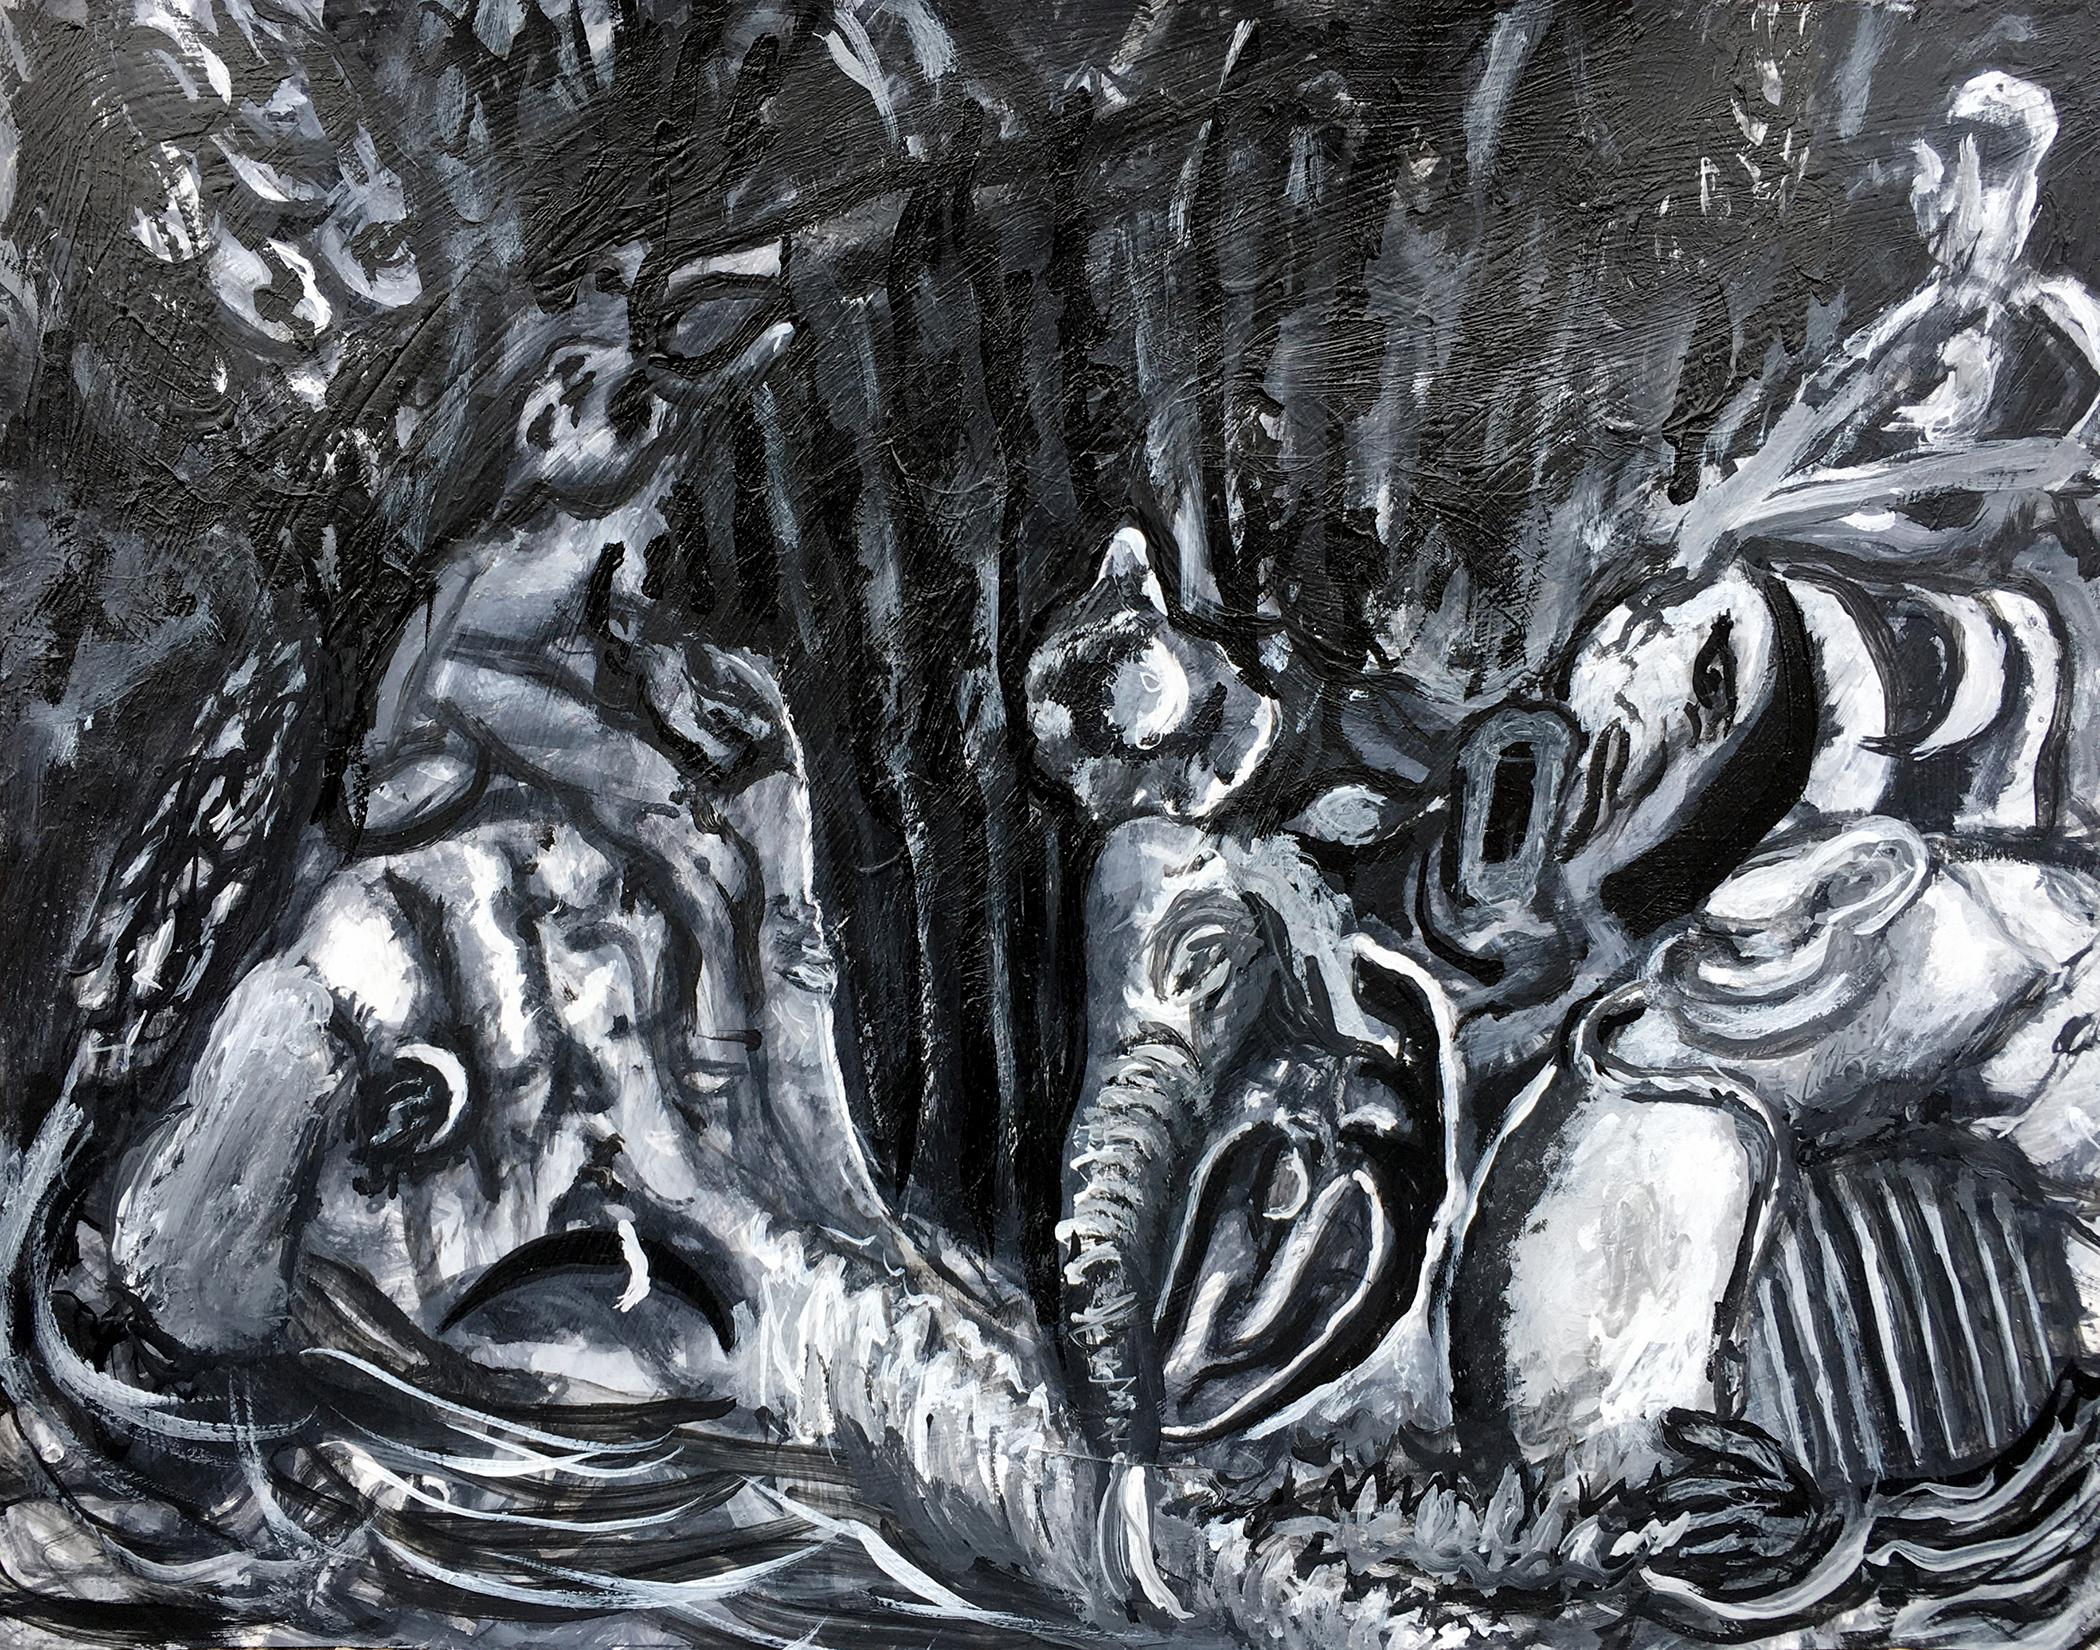 Lunala: Floating Downstream